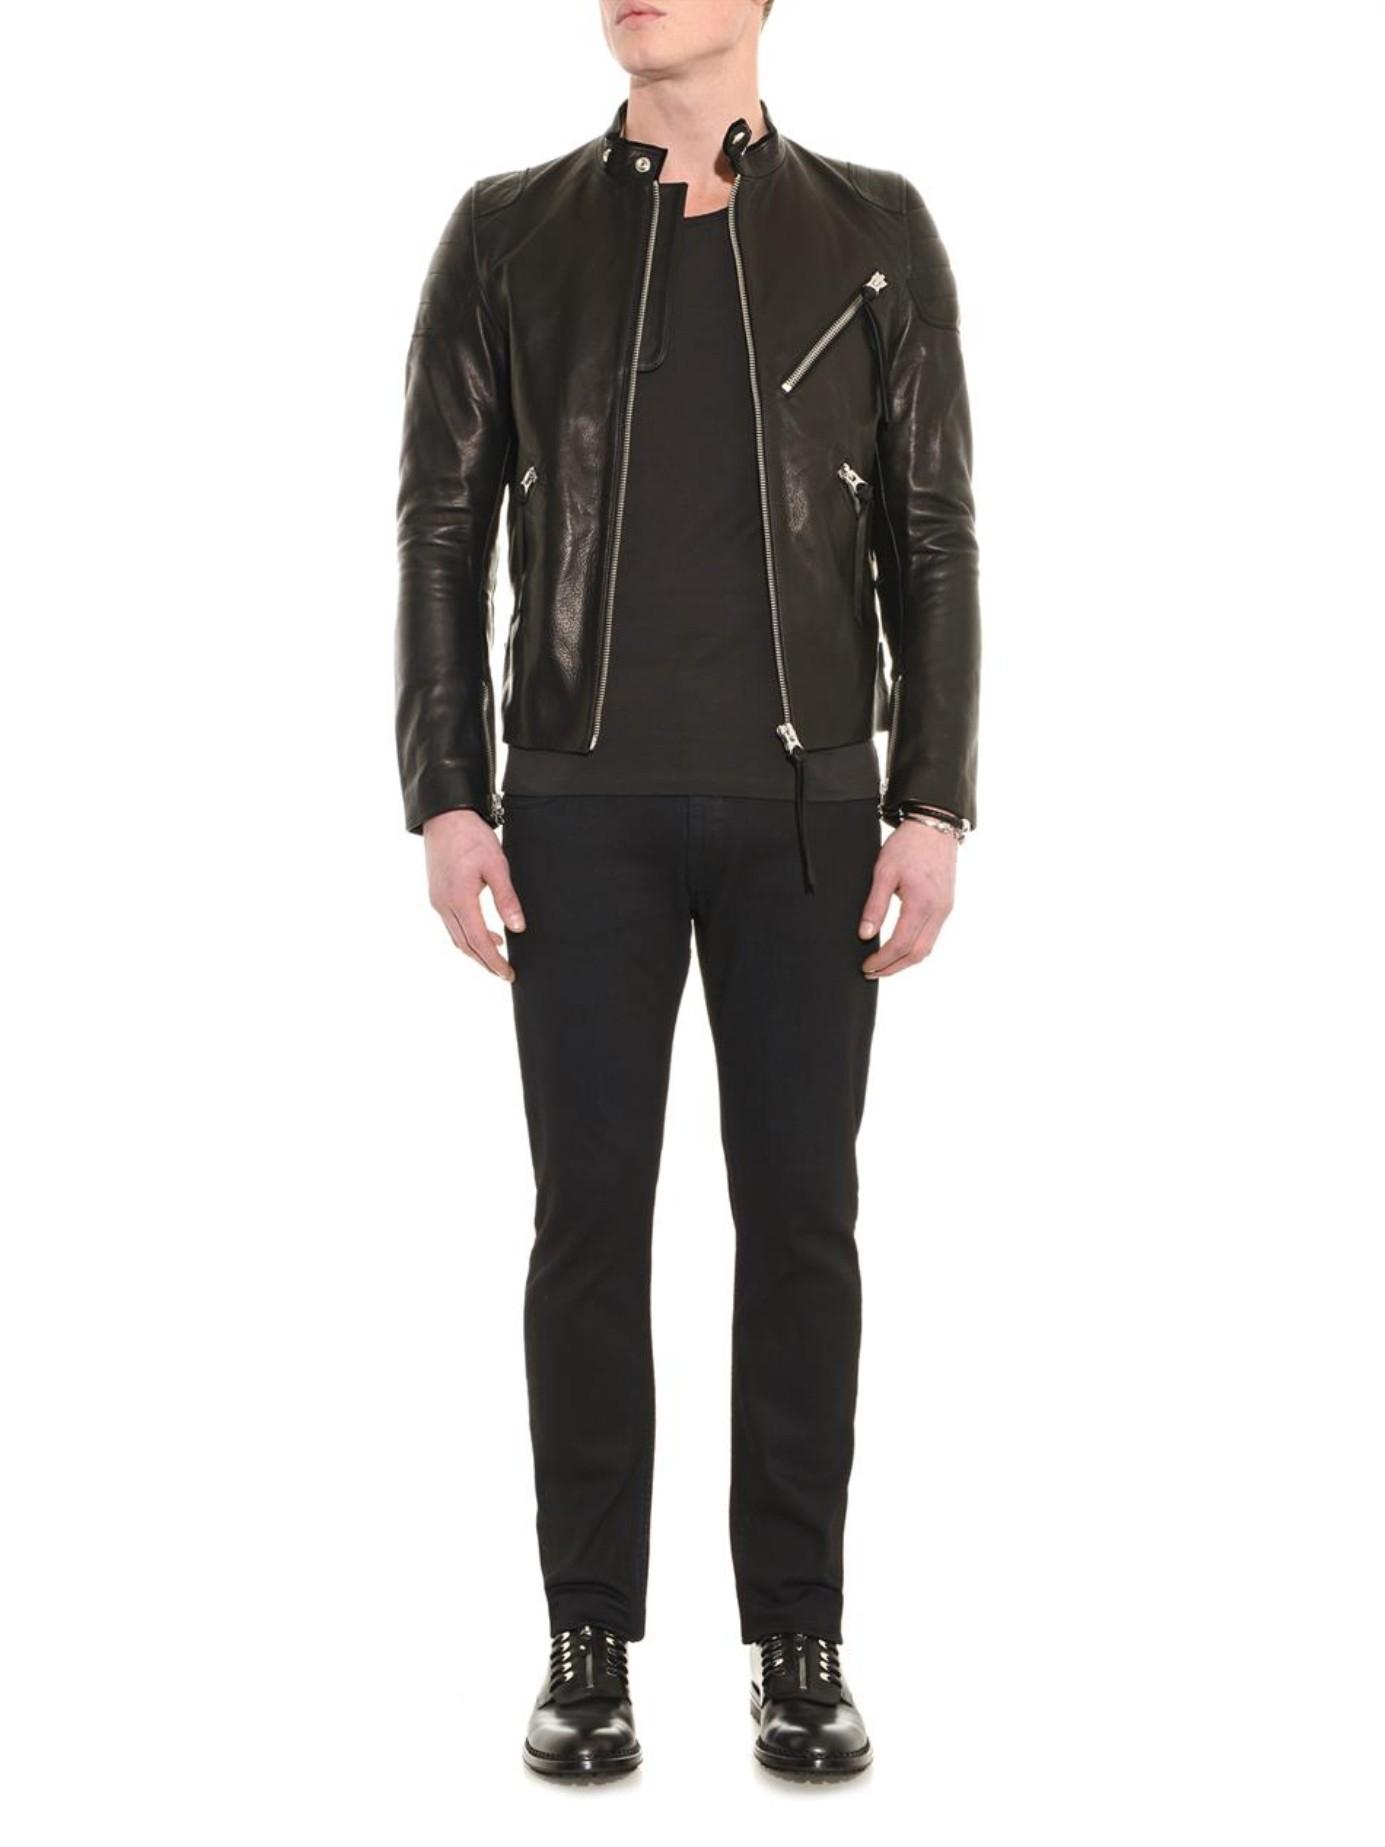 acne studios oliver leather jacket in black for men lyst. Black Bedroom Furniture Sets. Home Design Ideas